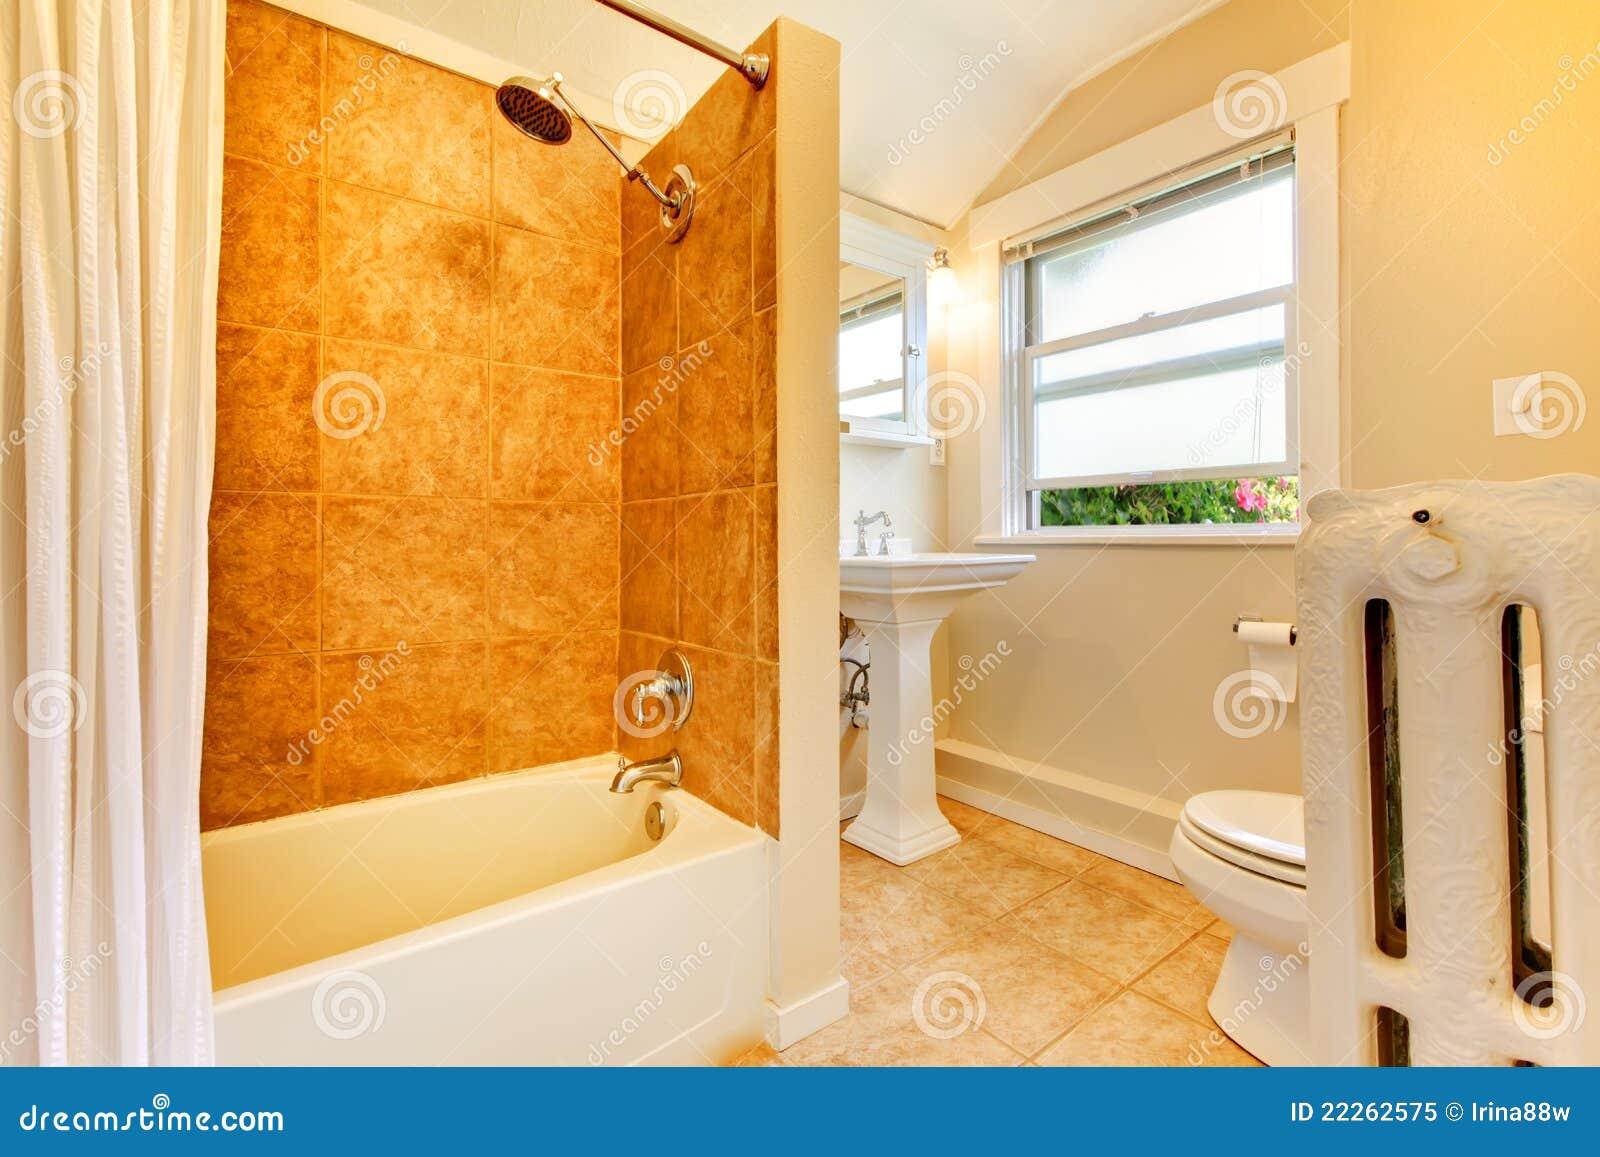 Guld badrum foton – 467 guld badrum bilder, fotografi & bilder ...